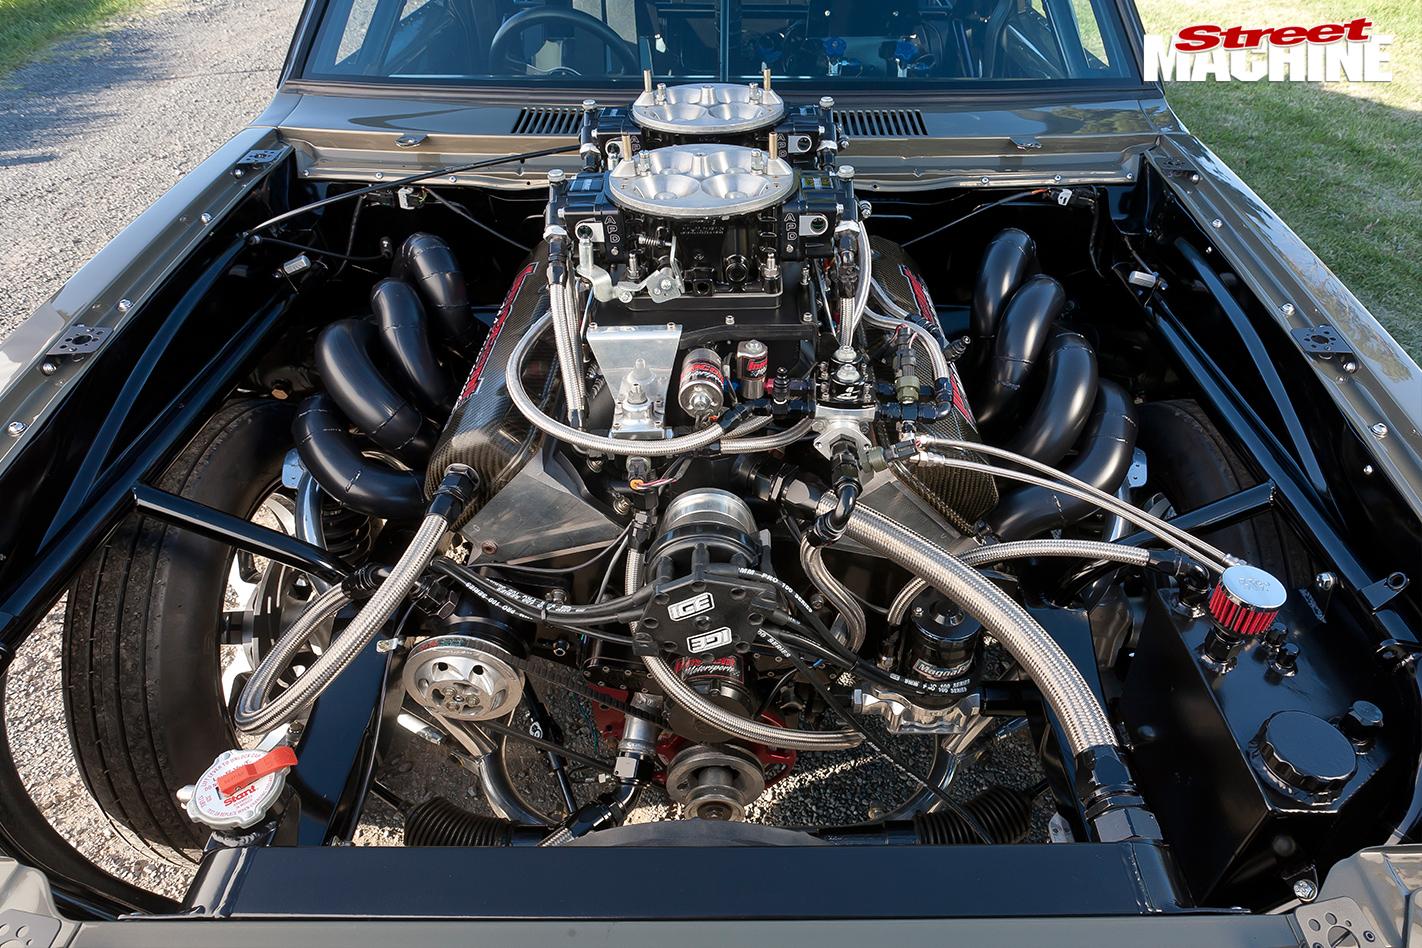 Holden -lh -torana -engine -bay